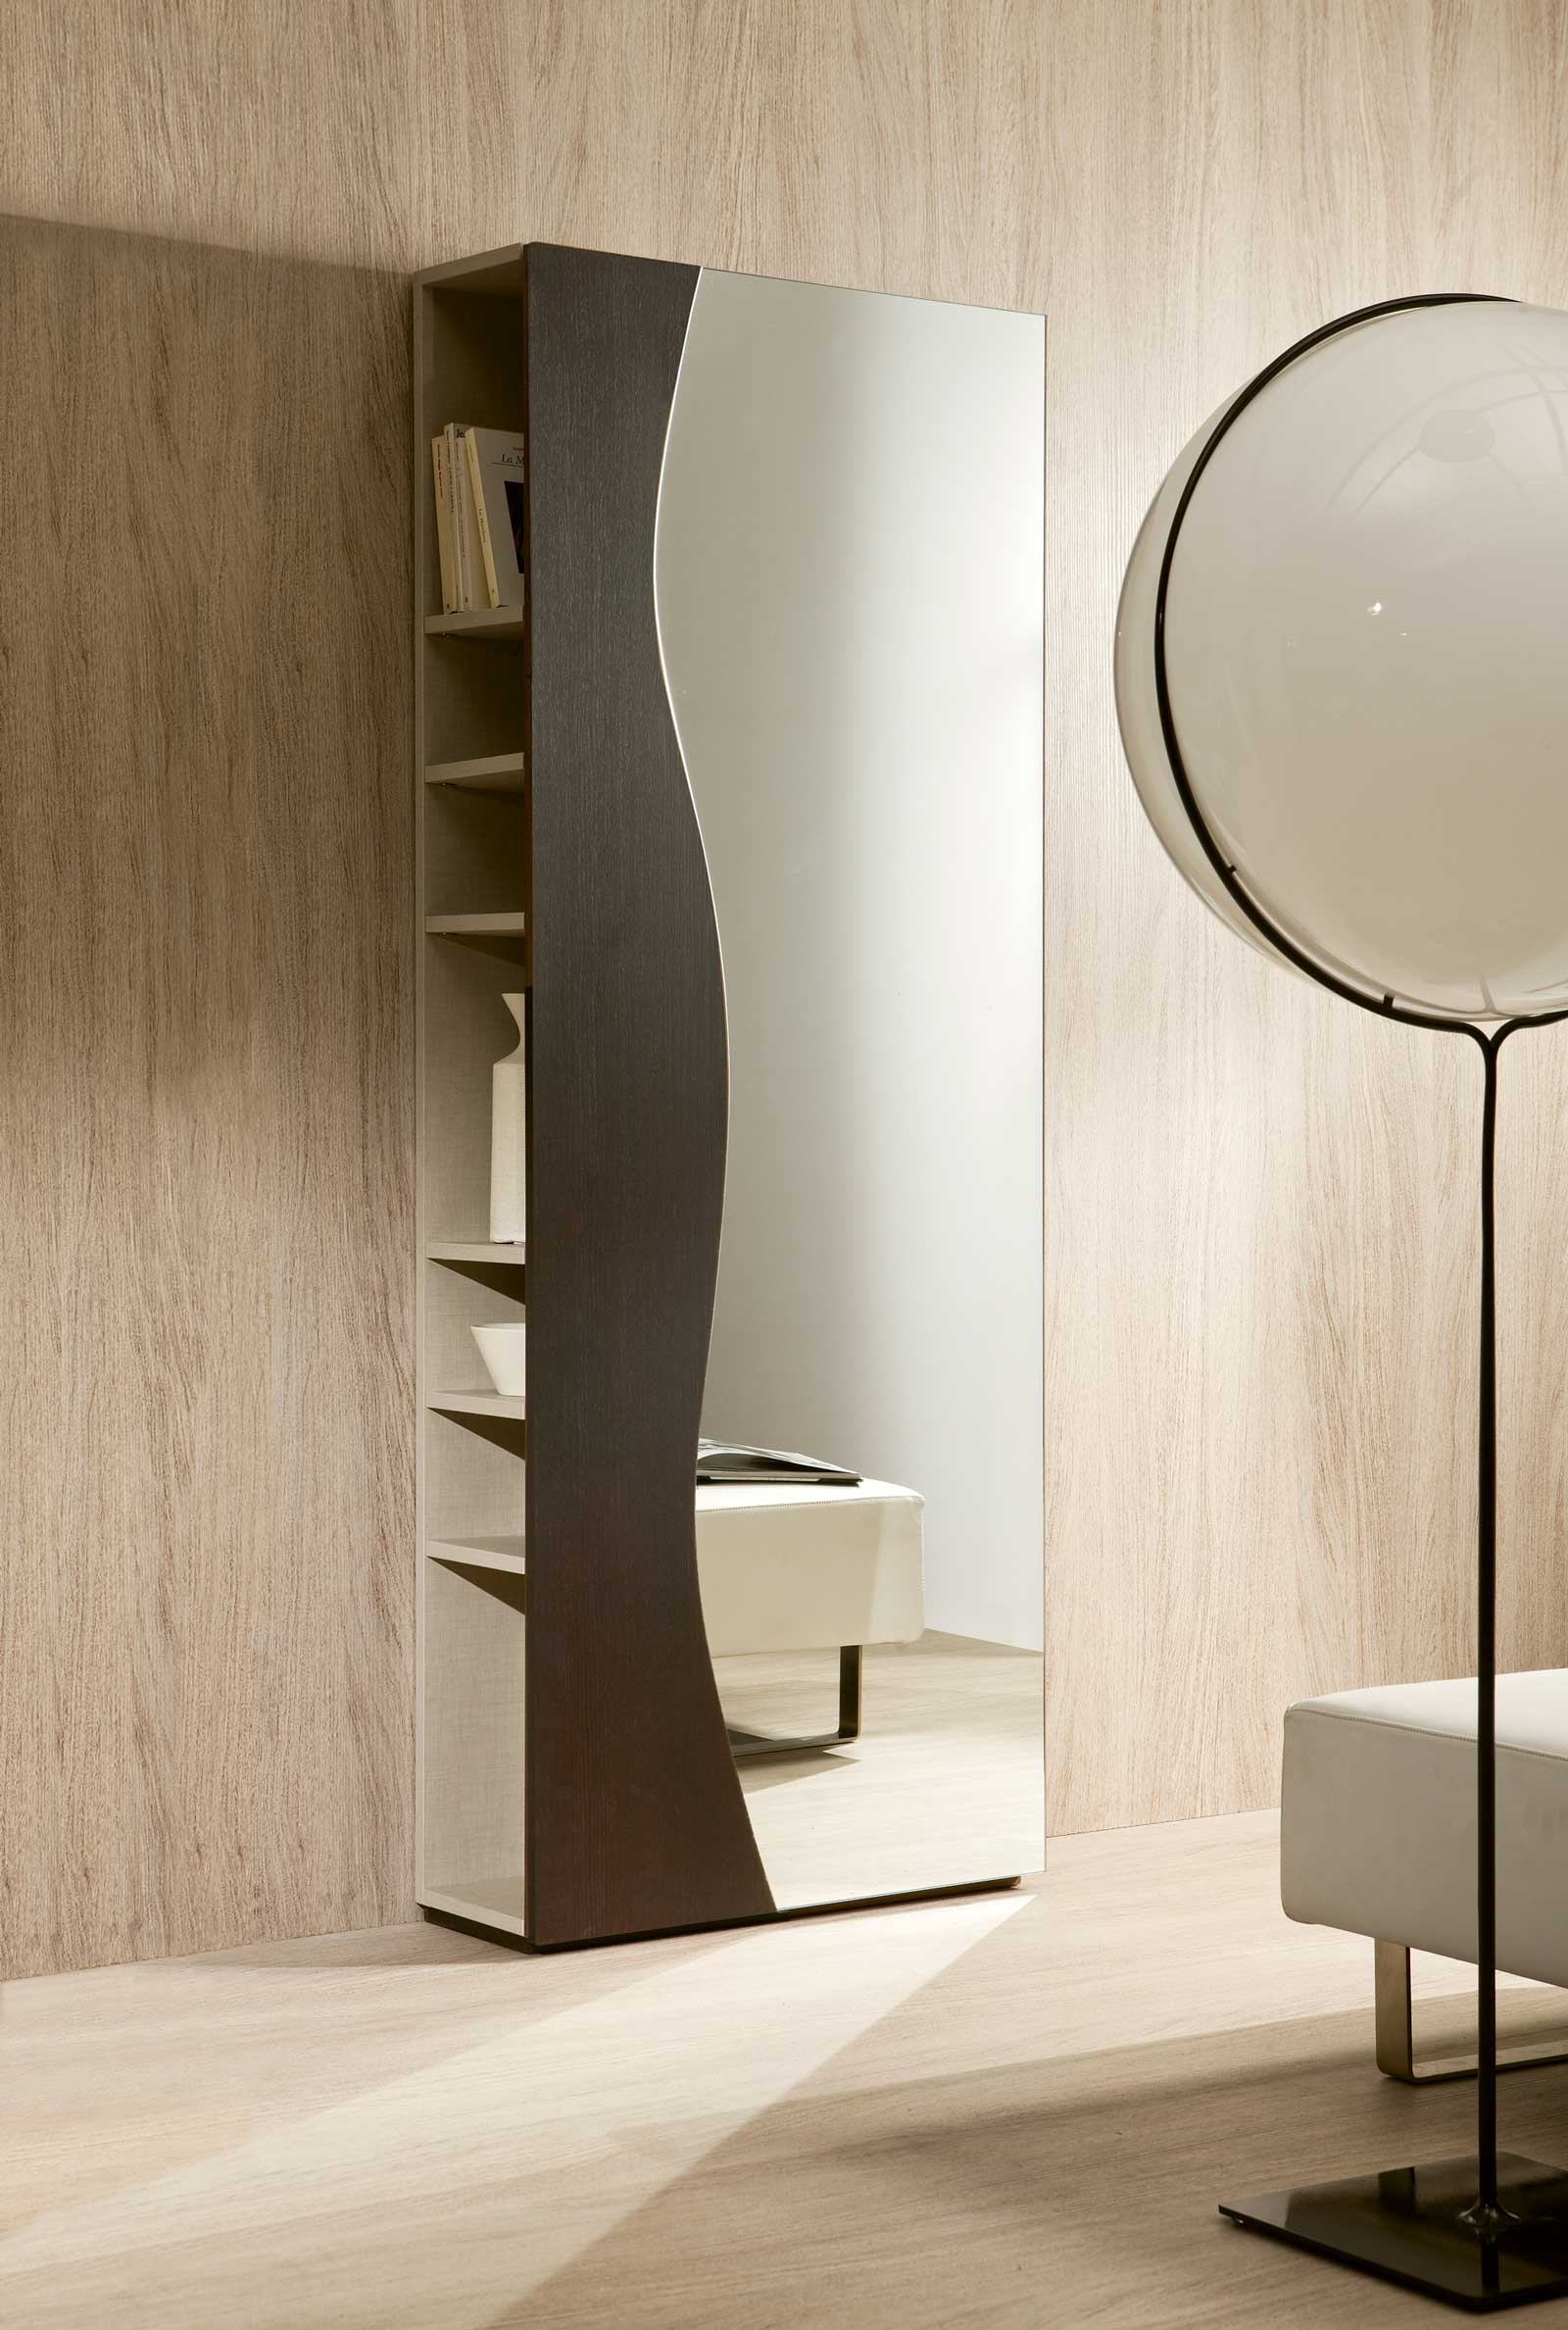 Futur Meuble D'entrée En Bois Wengé dedans Meuble D'Entrée Design Italien